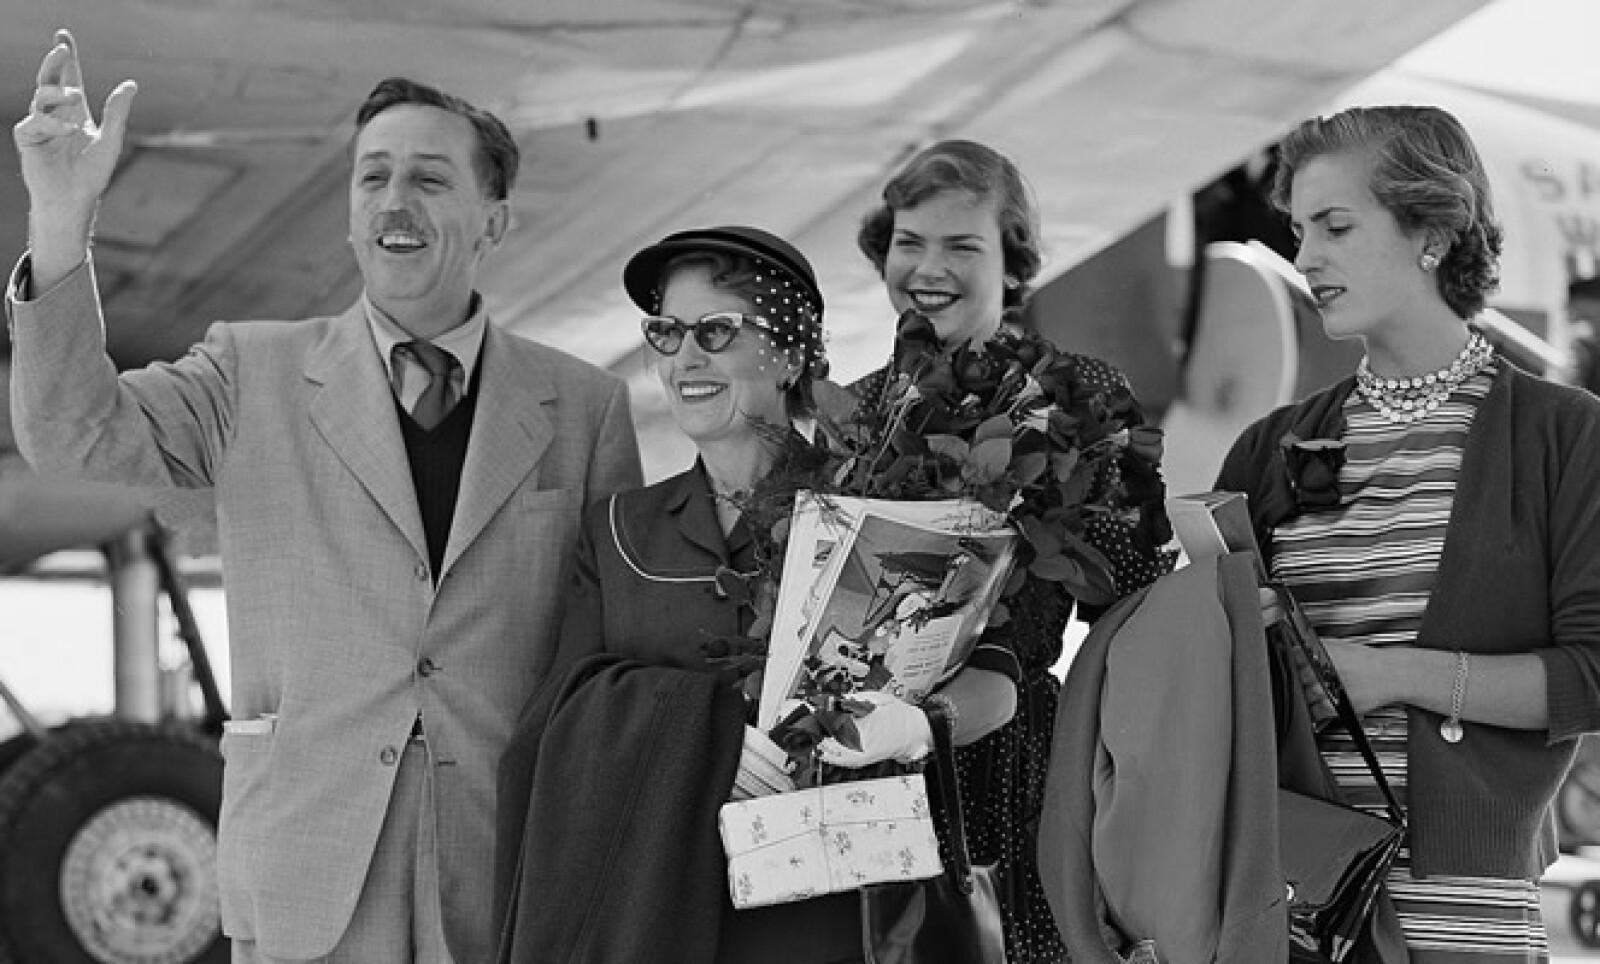 Walt Disney estuvo casado con Lilian Bounds, con la que tuvo dos hijas: Diane Marie y Sharon Mae.